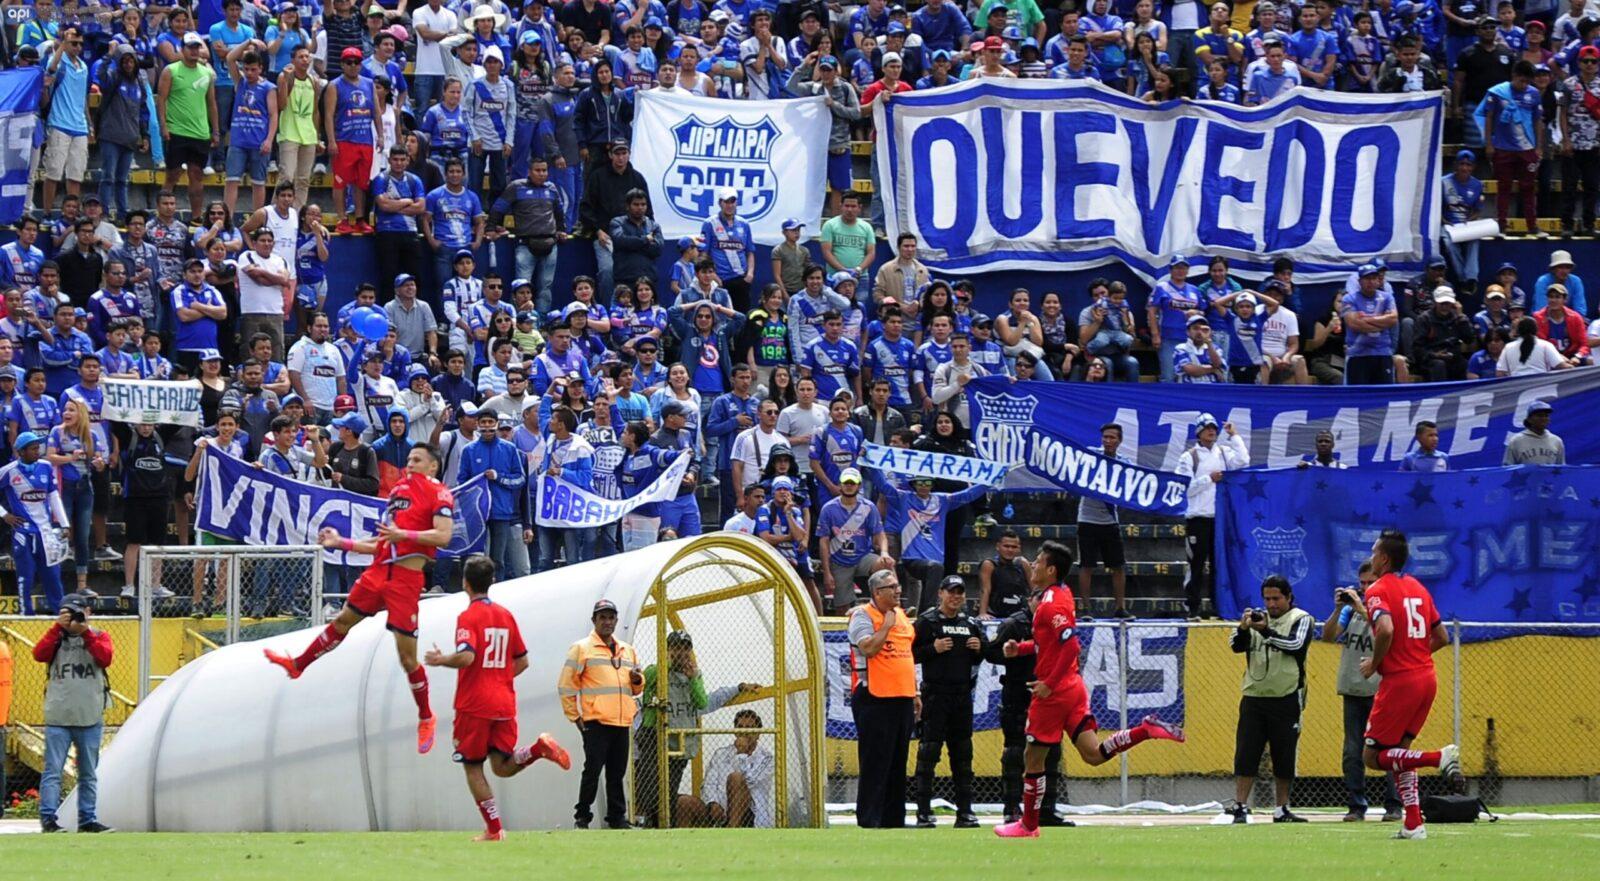 ¿Cúanto cuesta ir al partido El Nacional vs. Emelec?